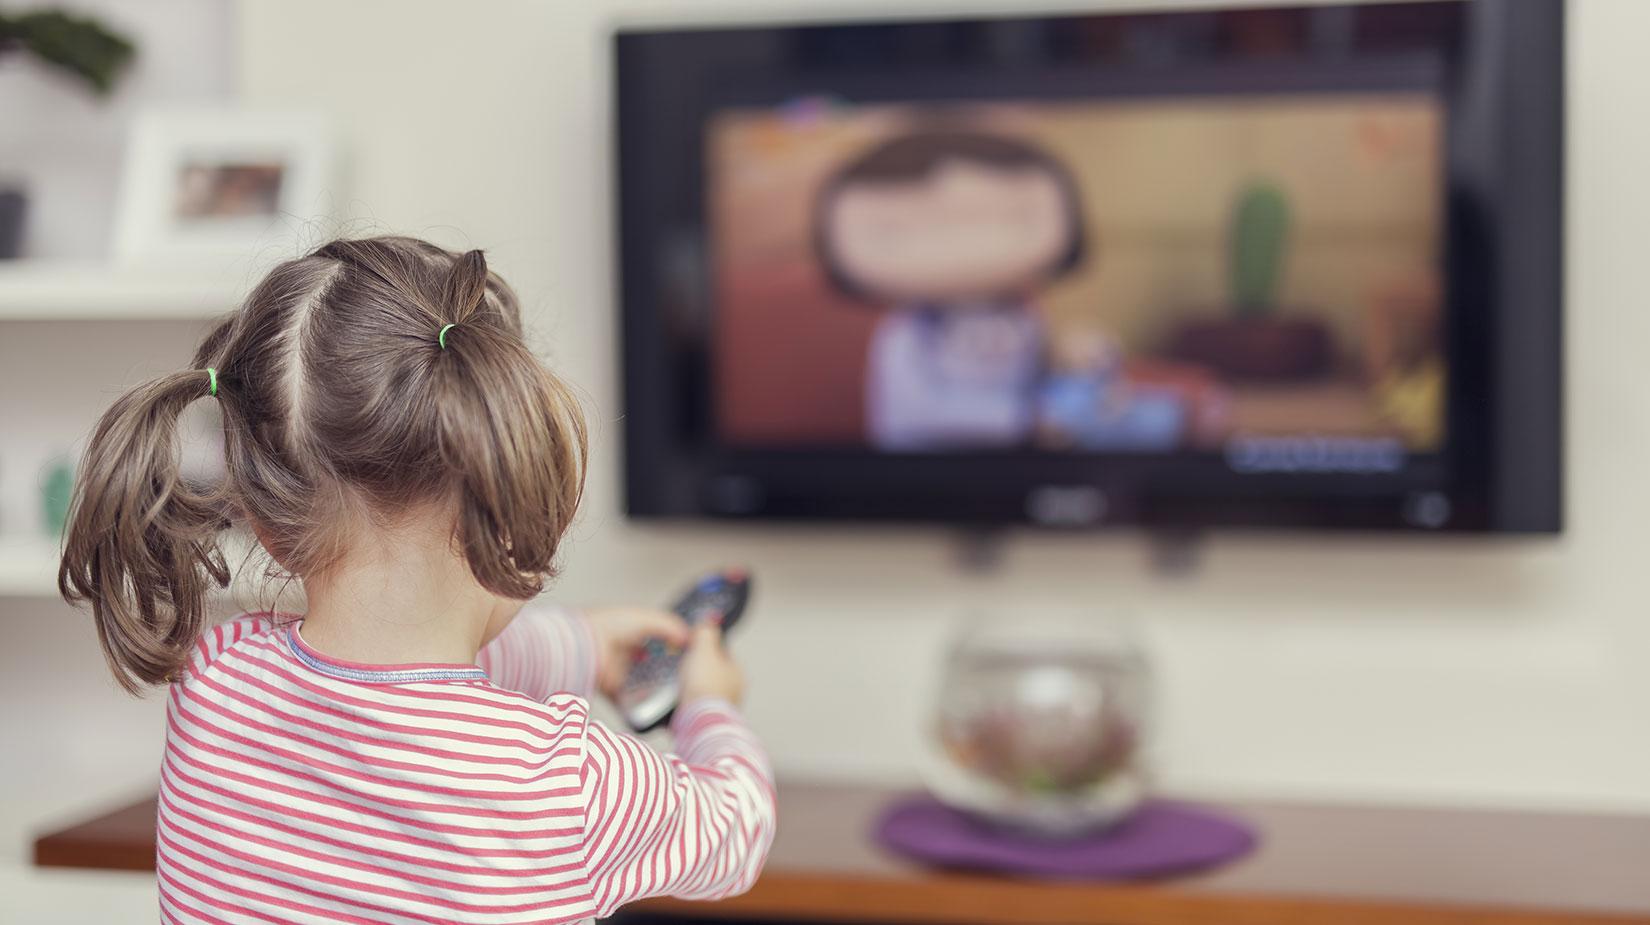 3 yaşın altındaki çocukları neden teknolojiden uzak tutmalıyız?